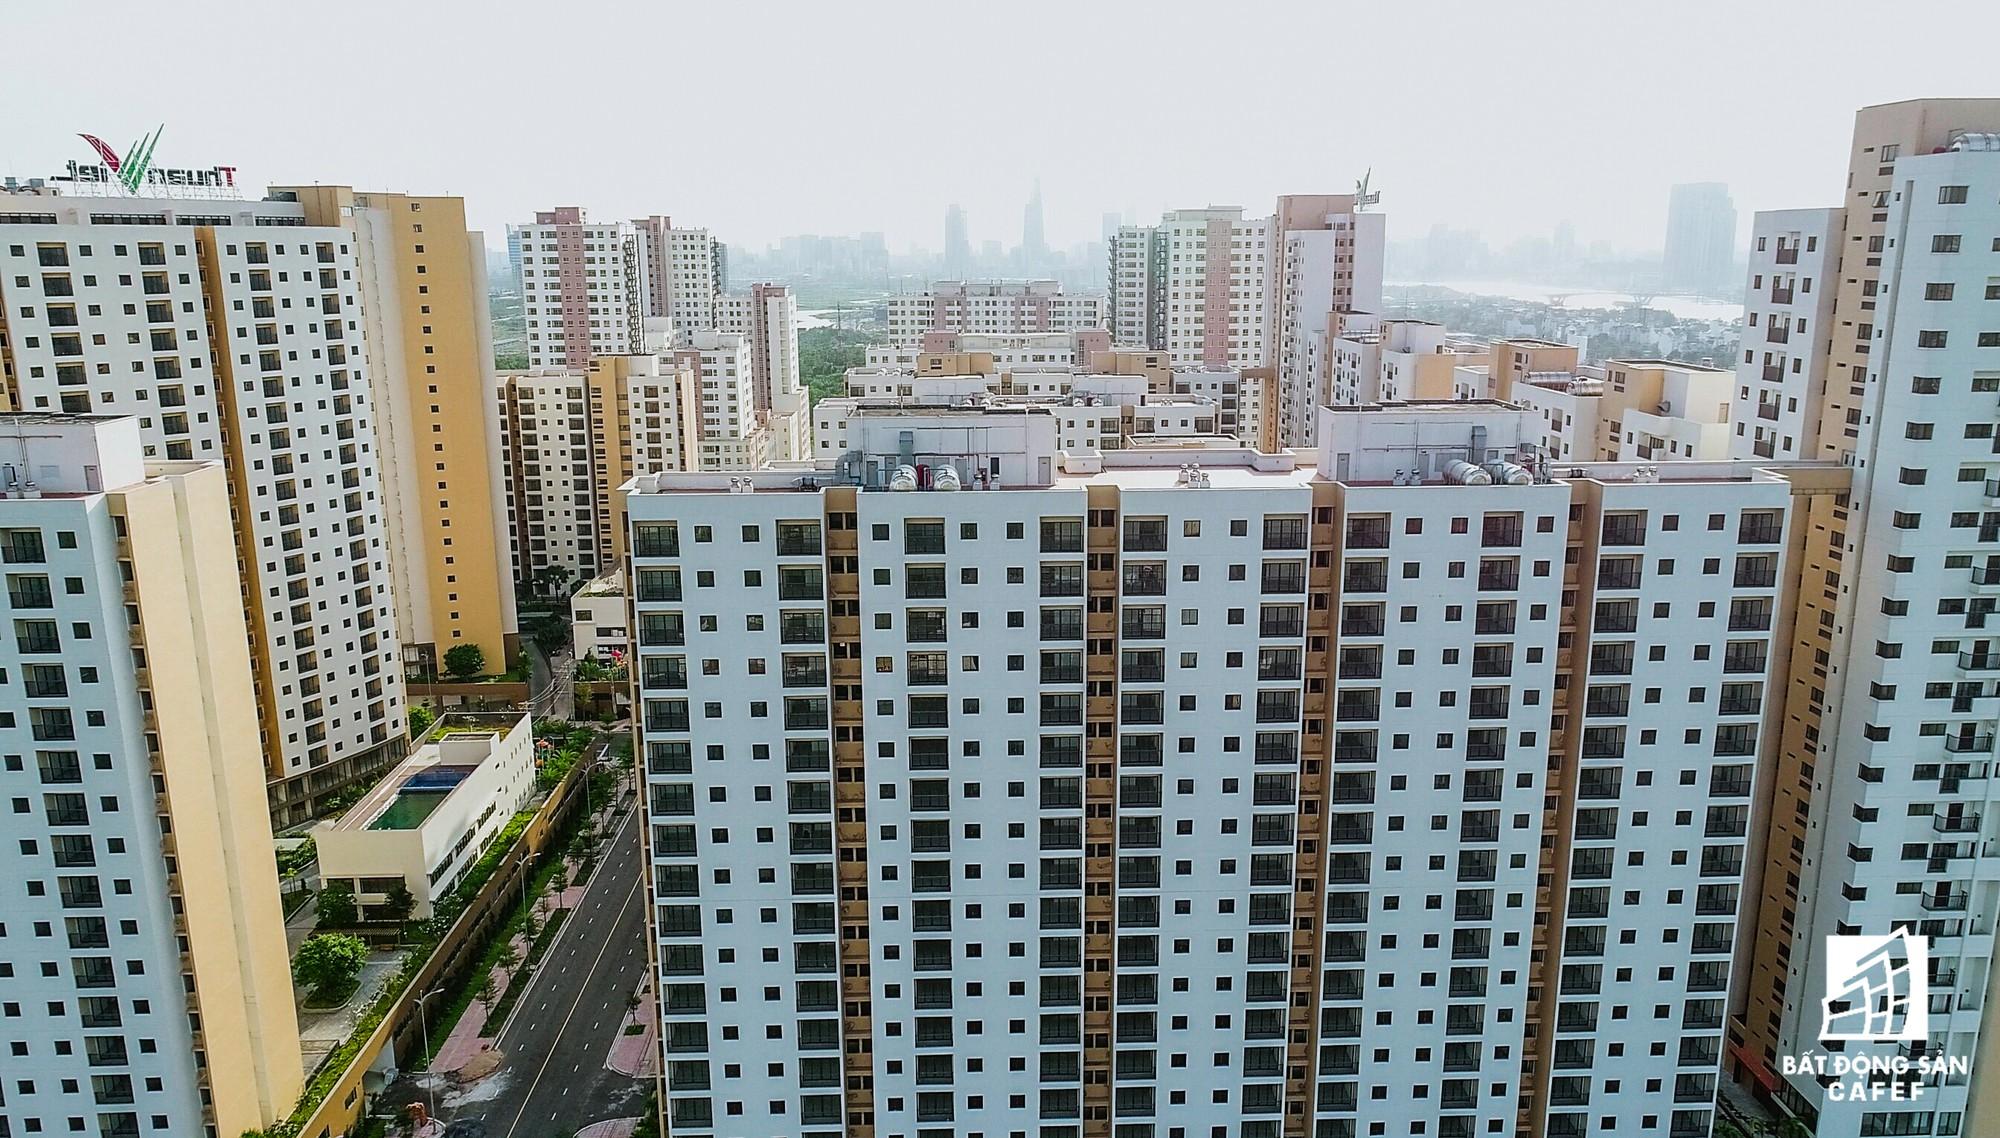 Toàn cảnh khu tái định cư đồ sộ nhất TPHCM, chục nghìn căn hộ không ai ở, bán đấu giá nhiều lần thất bại - Ảnh 16.